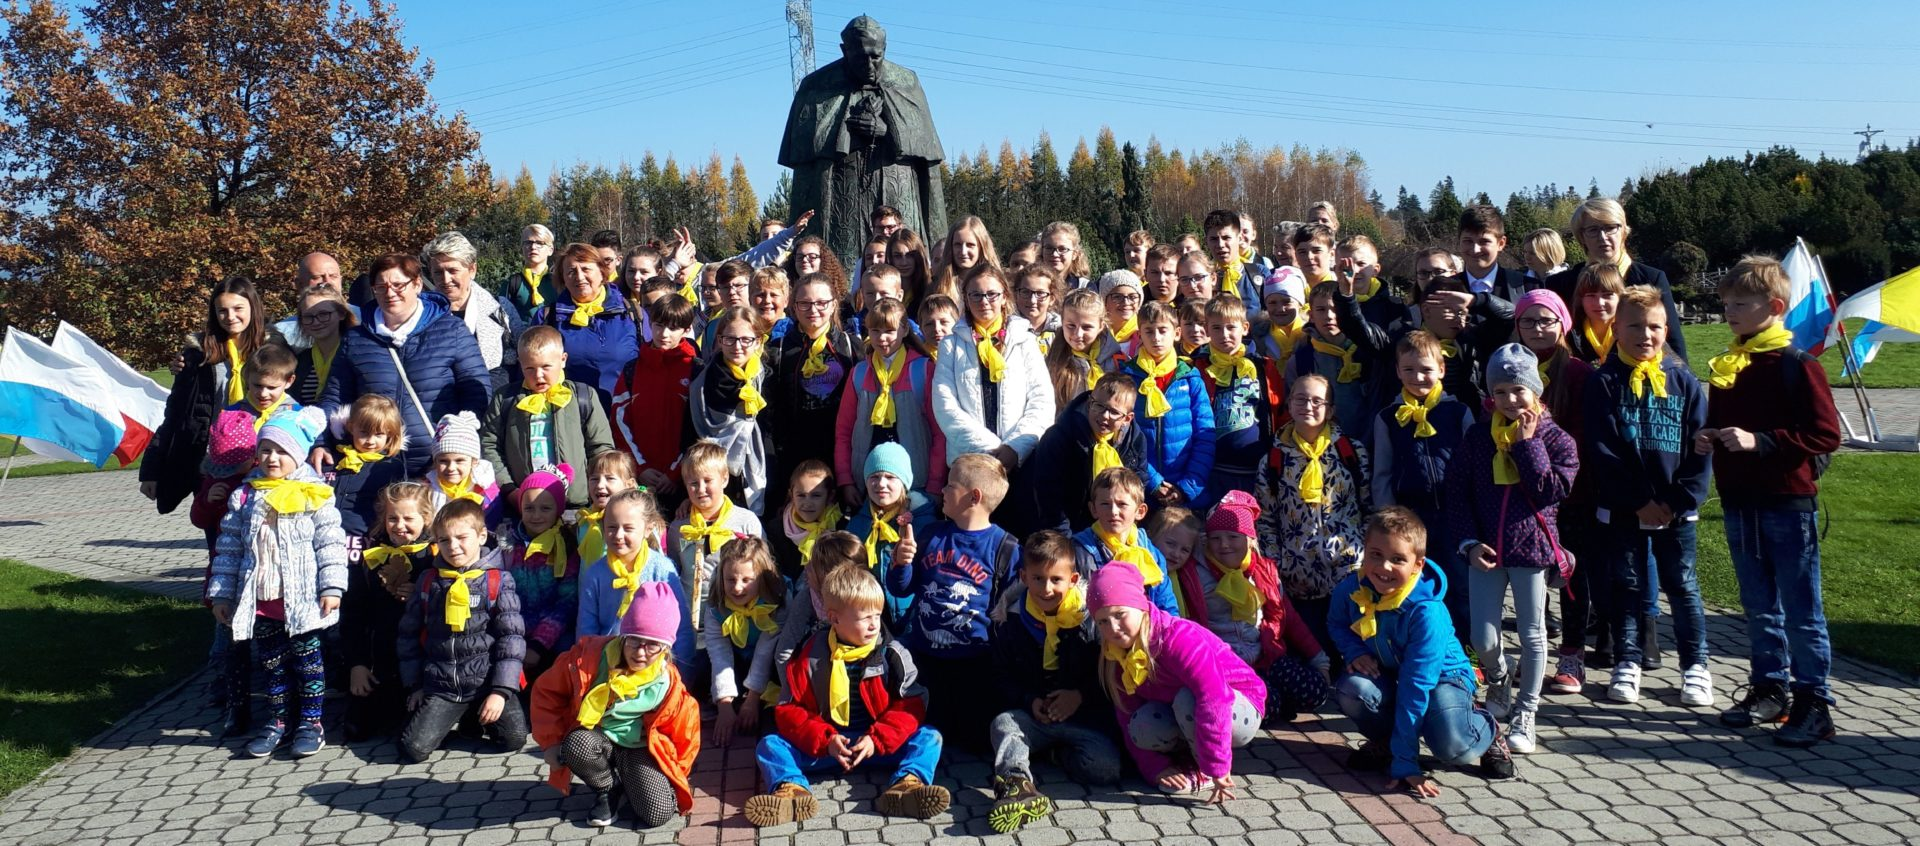 Szkoła Podstawowa im. Błogosławionego Jana Pawła II w Łapszach Wyżnych